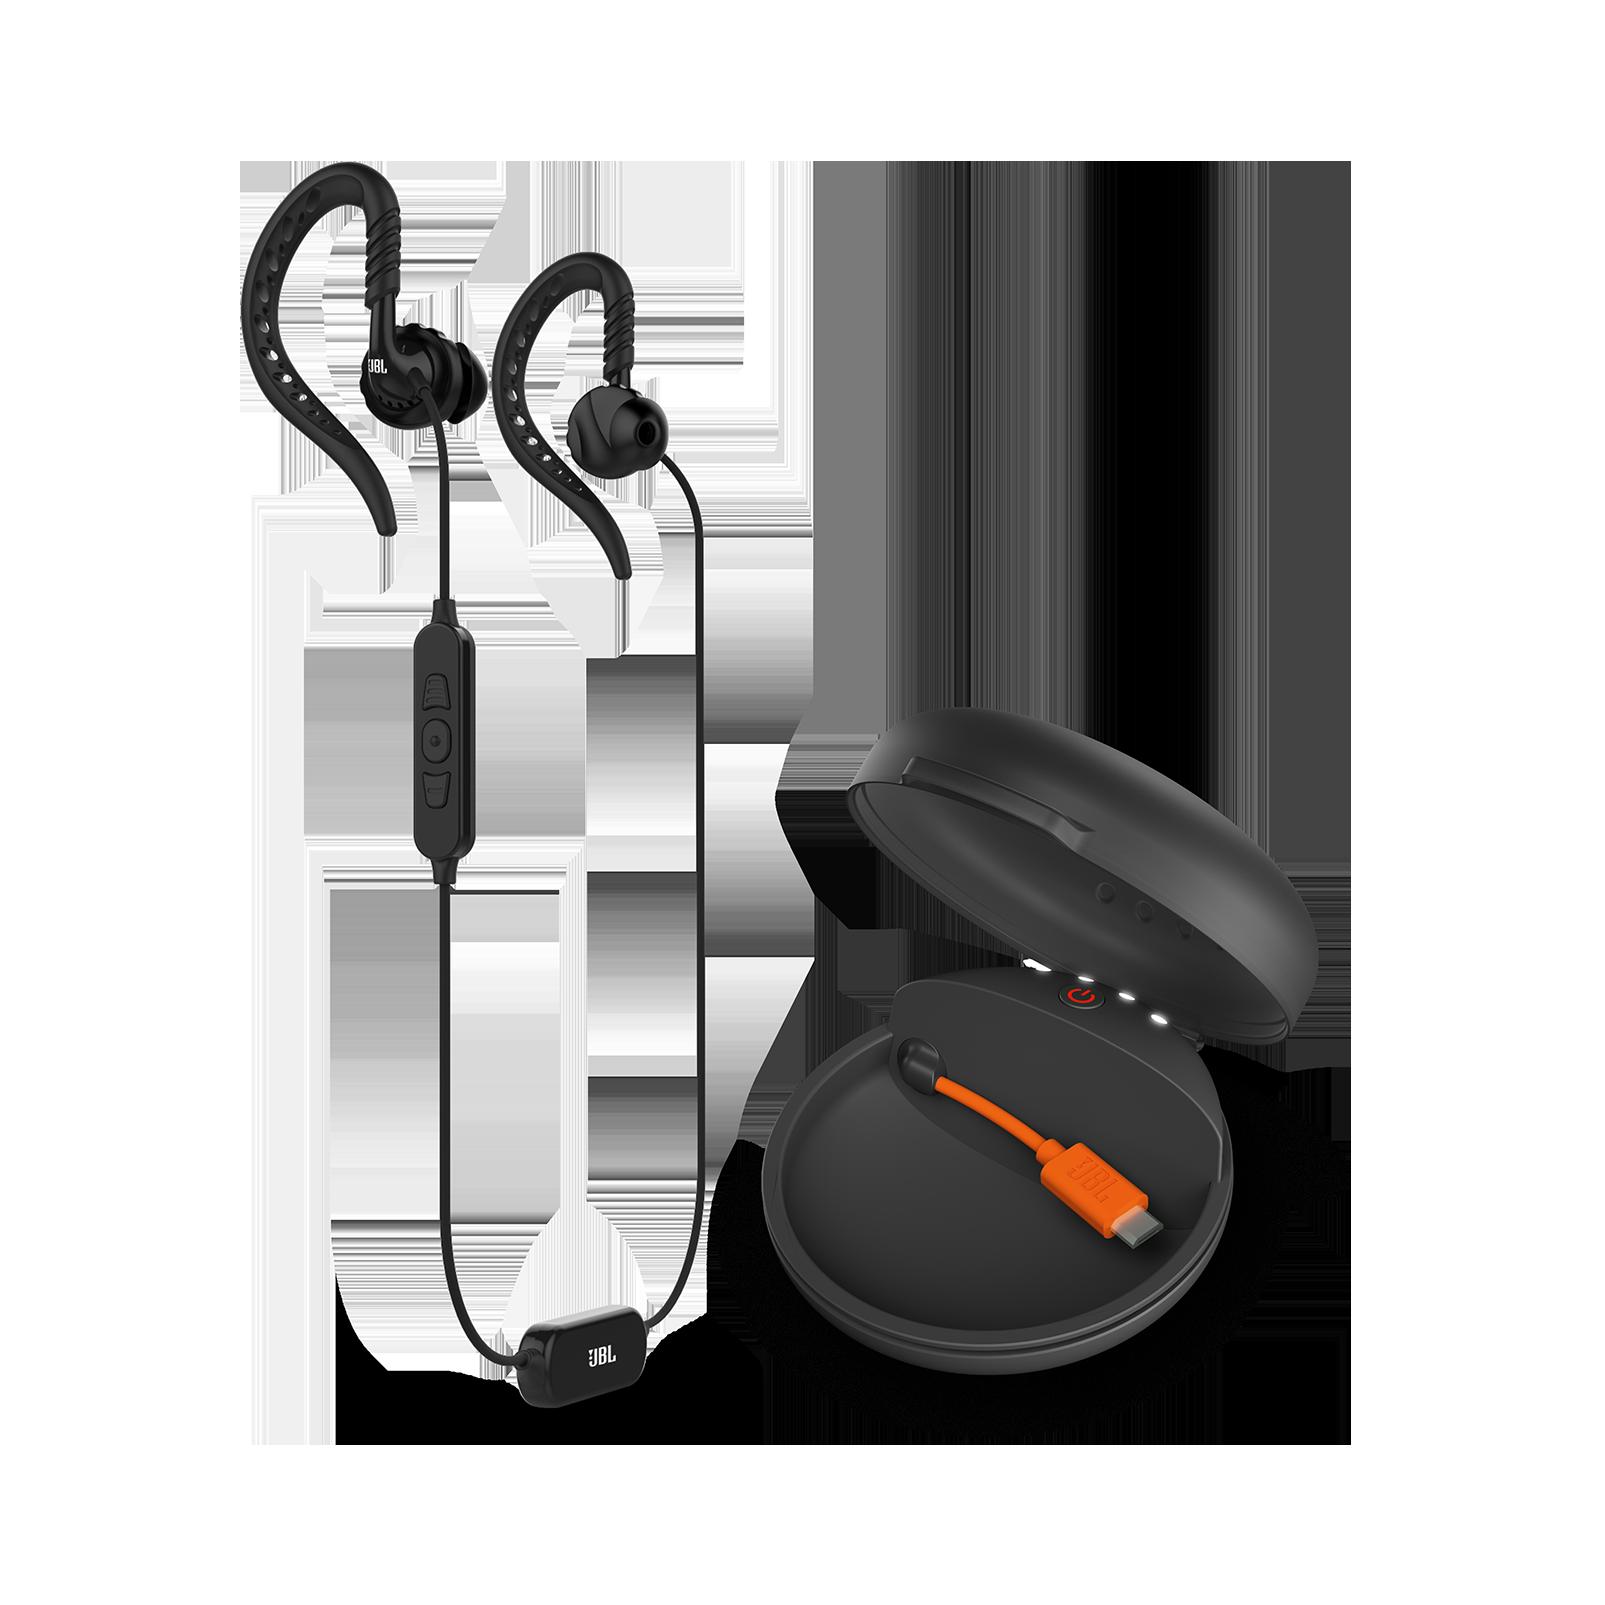 b2e48ec06f8 JBL Focus 700 | In-Ear Wireless Sport Headphones with charging case